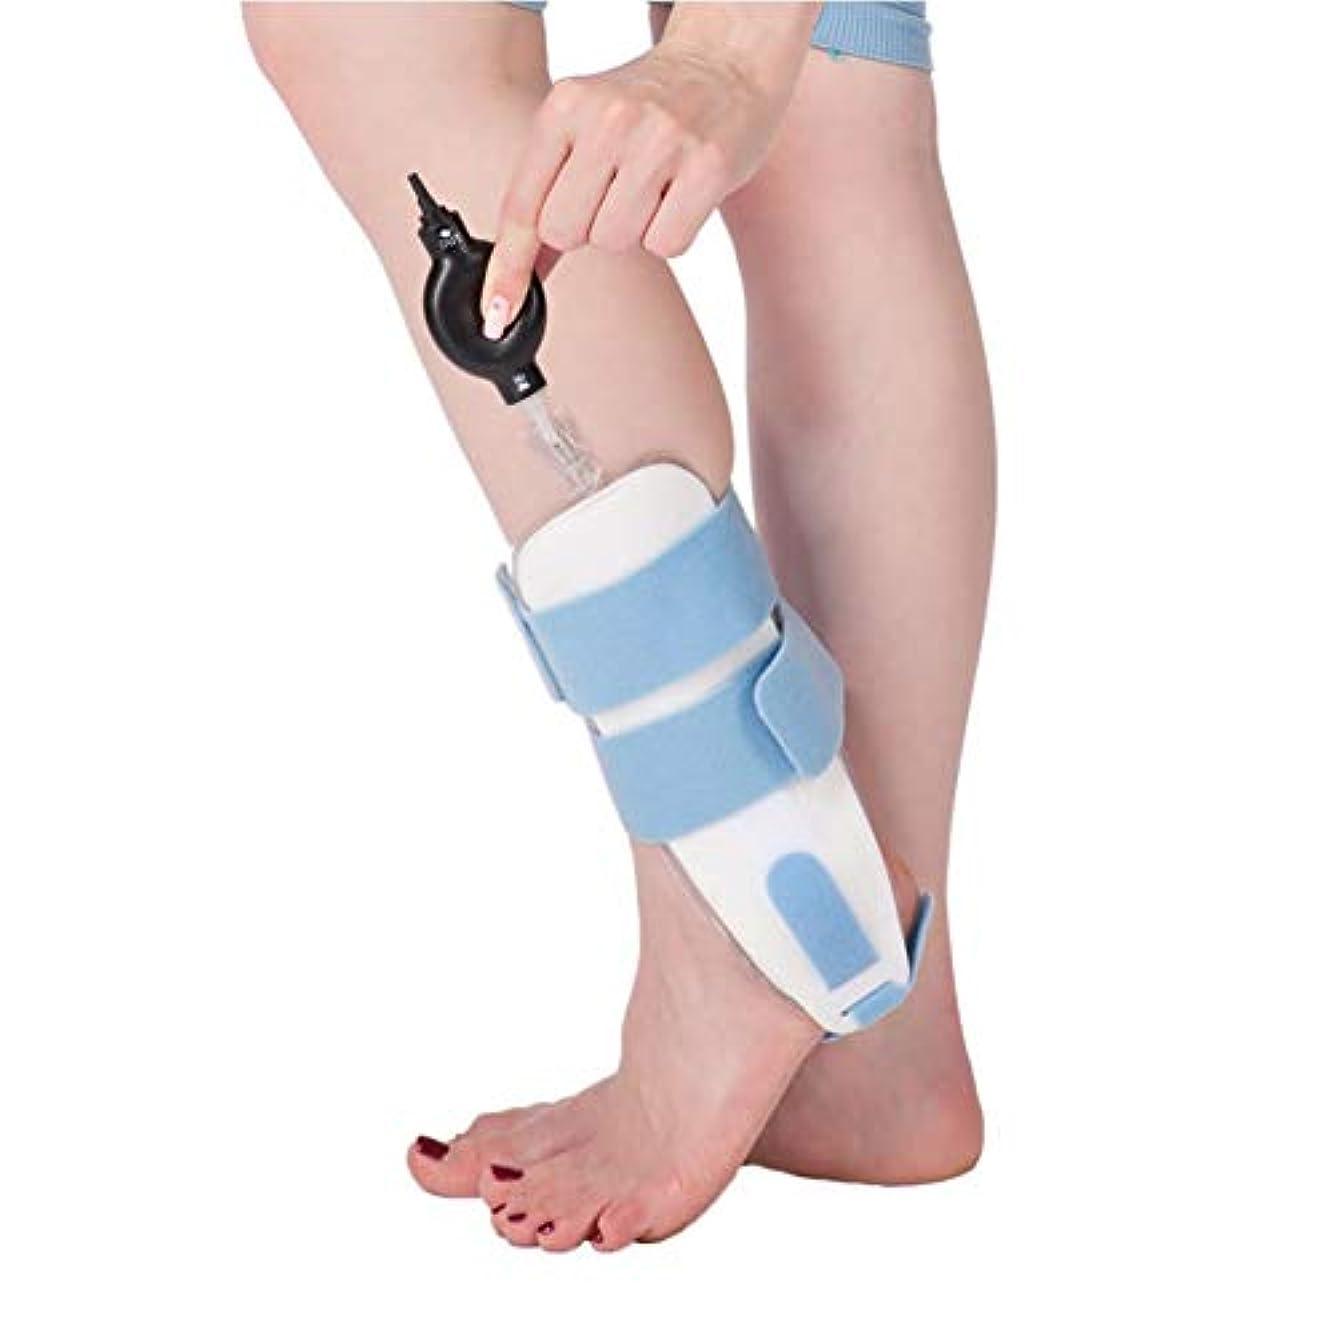 弾丸トランスミッション観察する足首の装具の膨脹可能な足首の保護装置は石膏の足の捻rainの固定副木を取り替えることができます